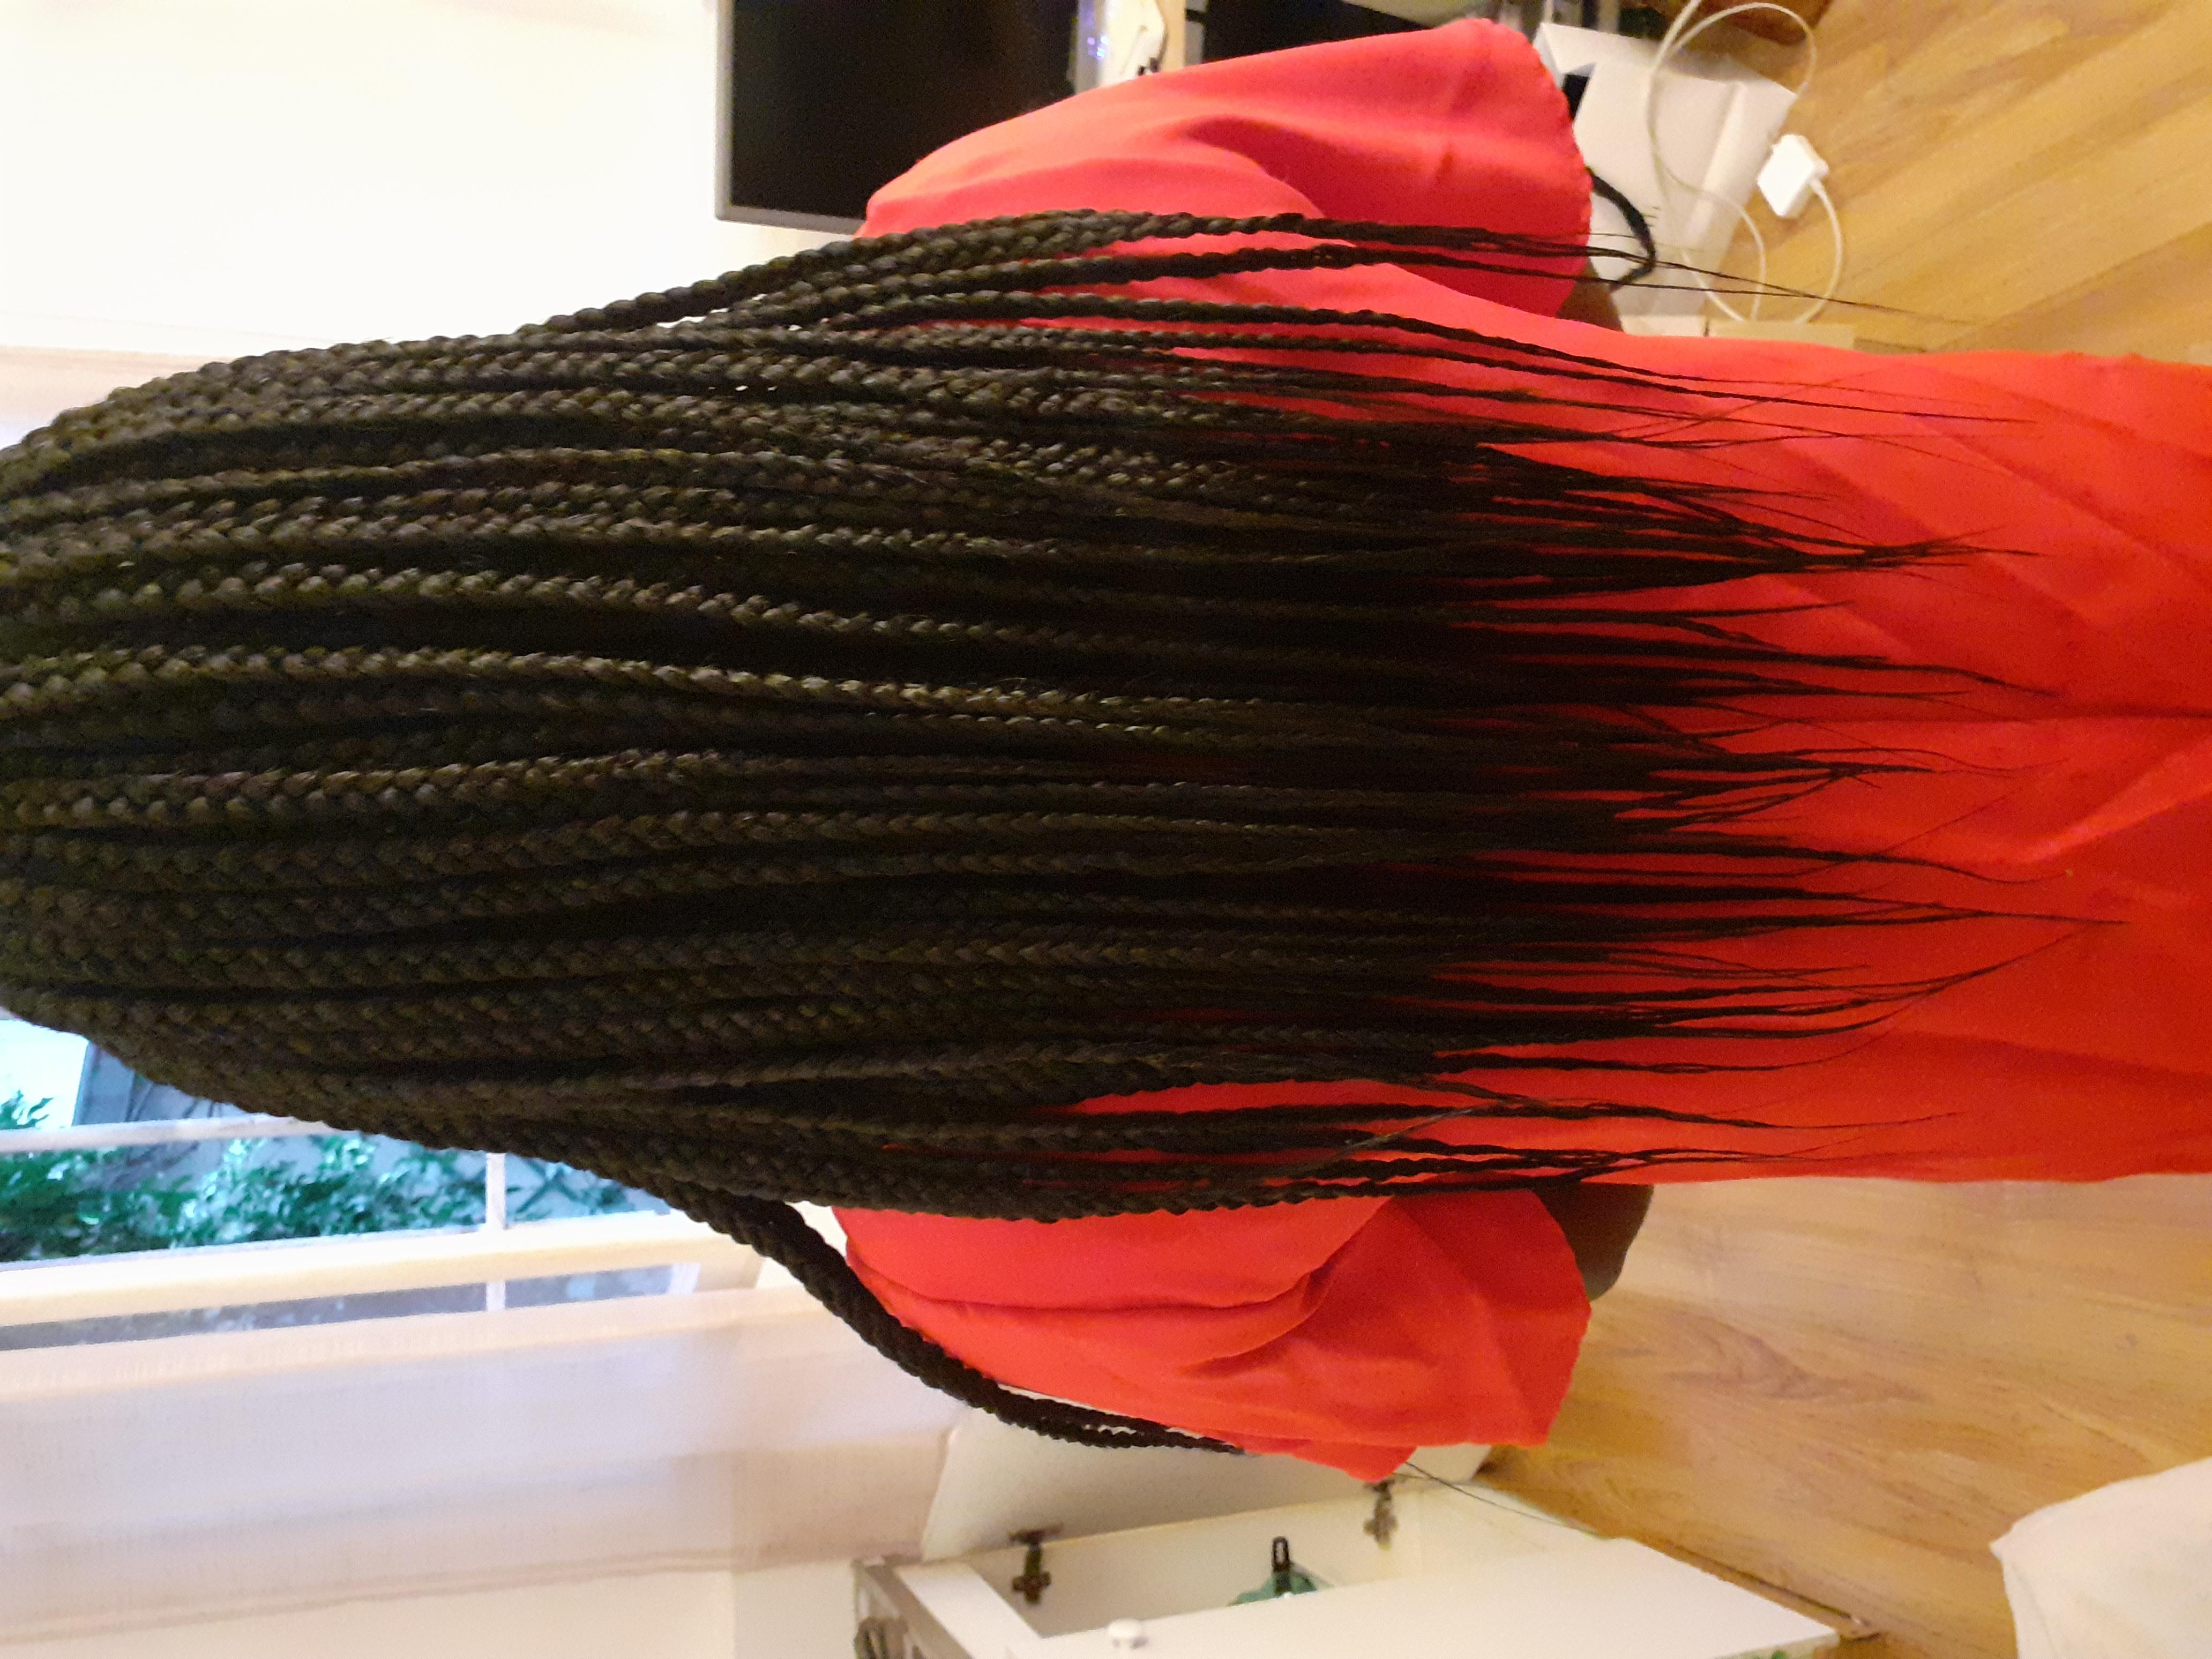 salon de coiffure afro tresse tresses box braids crochet braids vanilles tissages paris 75 77 78 91 92 93 94 95 UPFKNFOZ